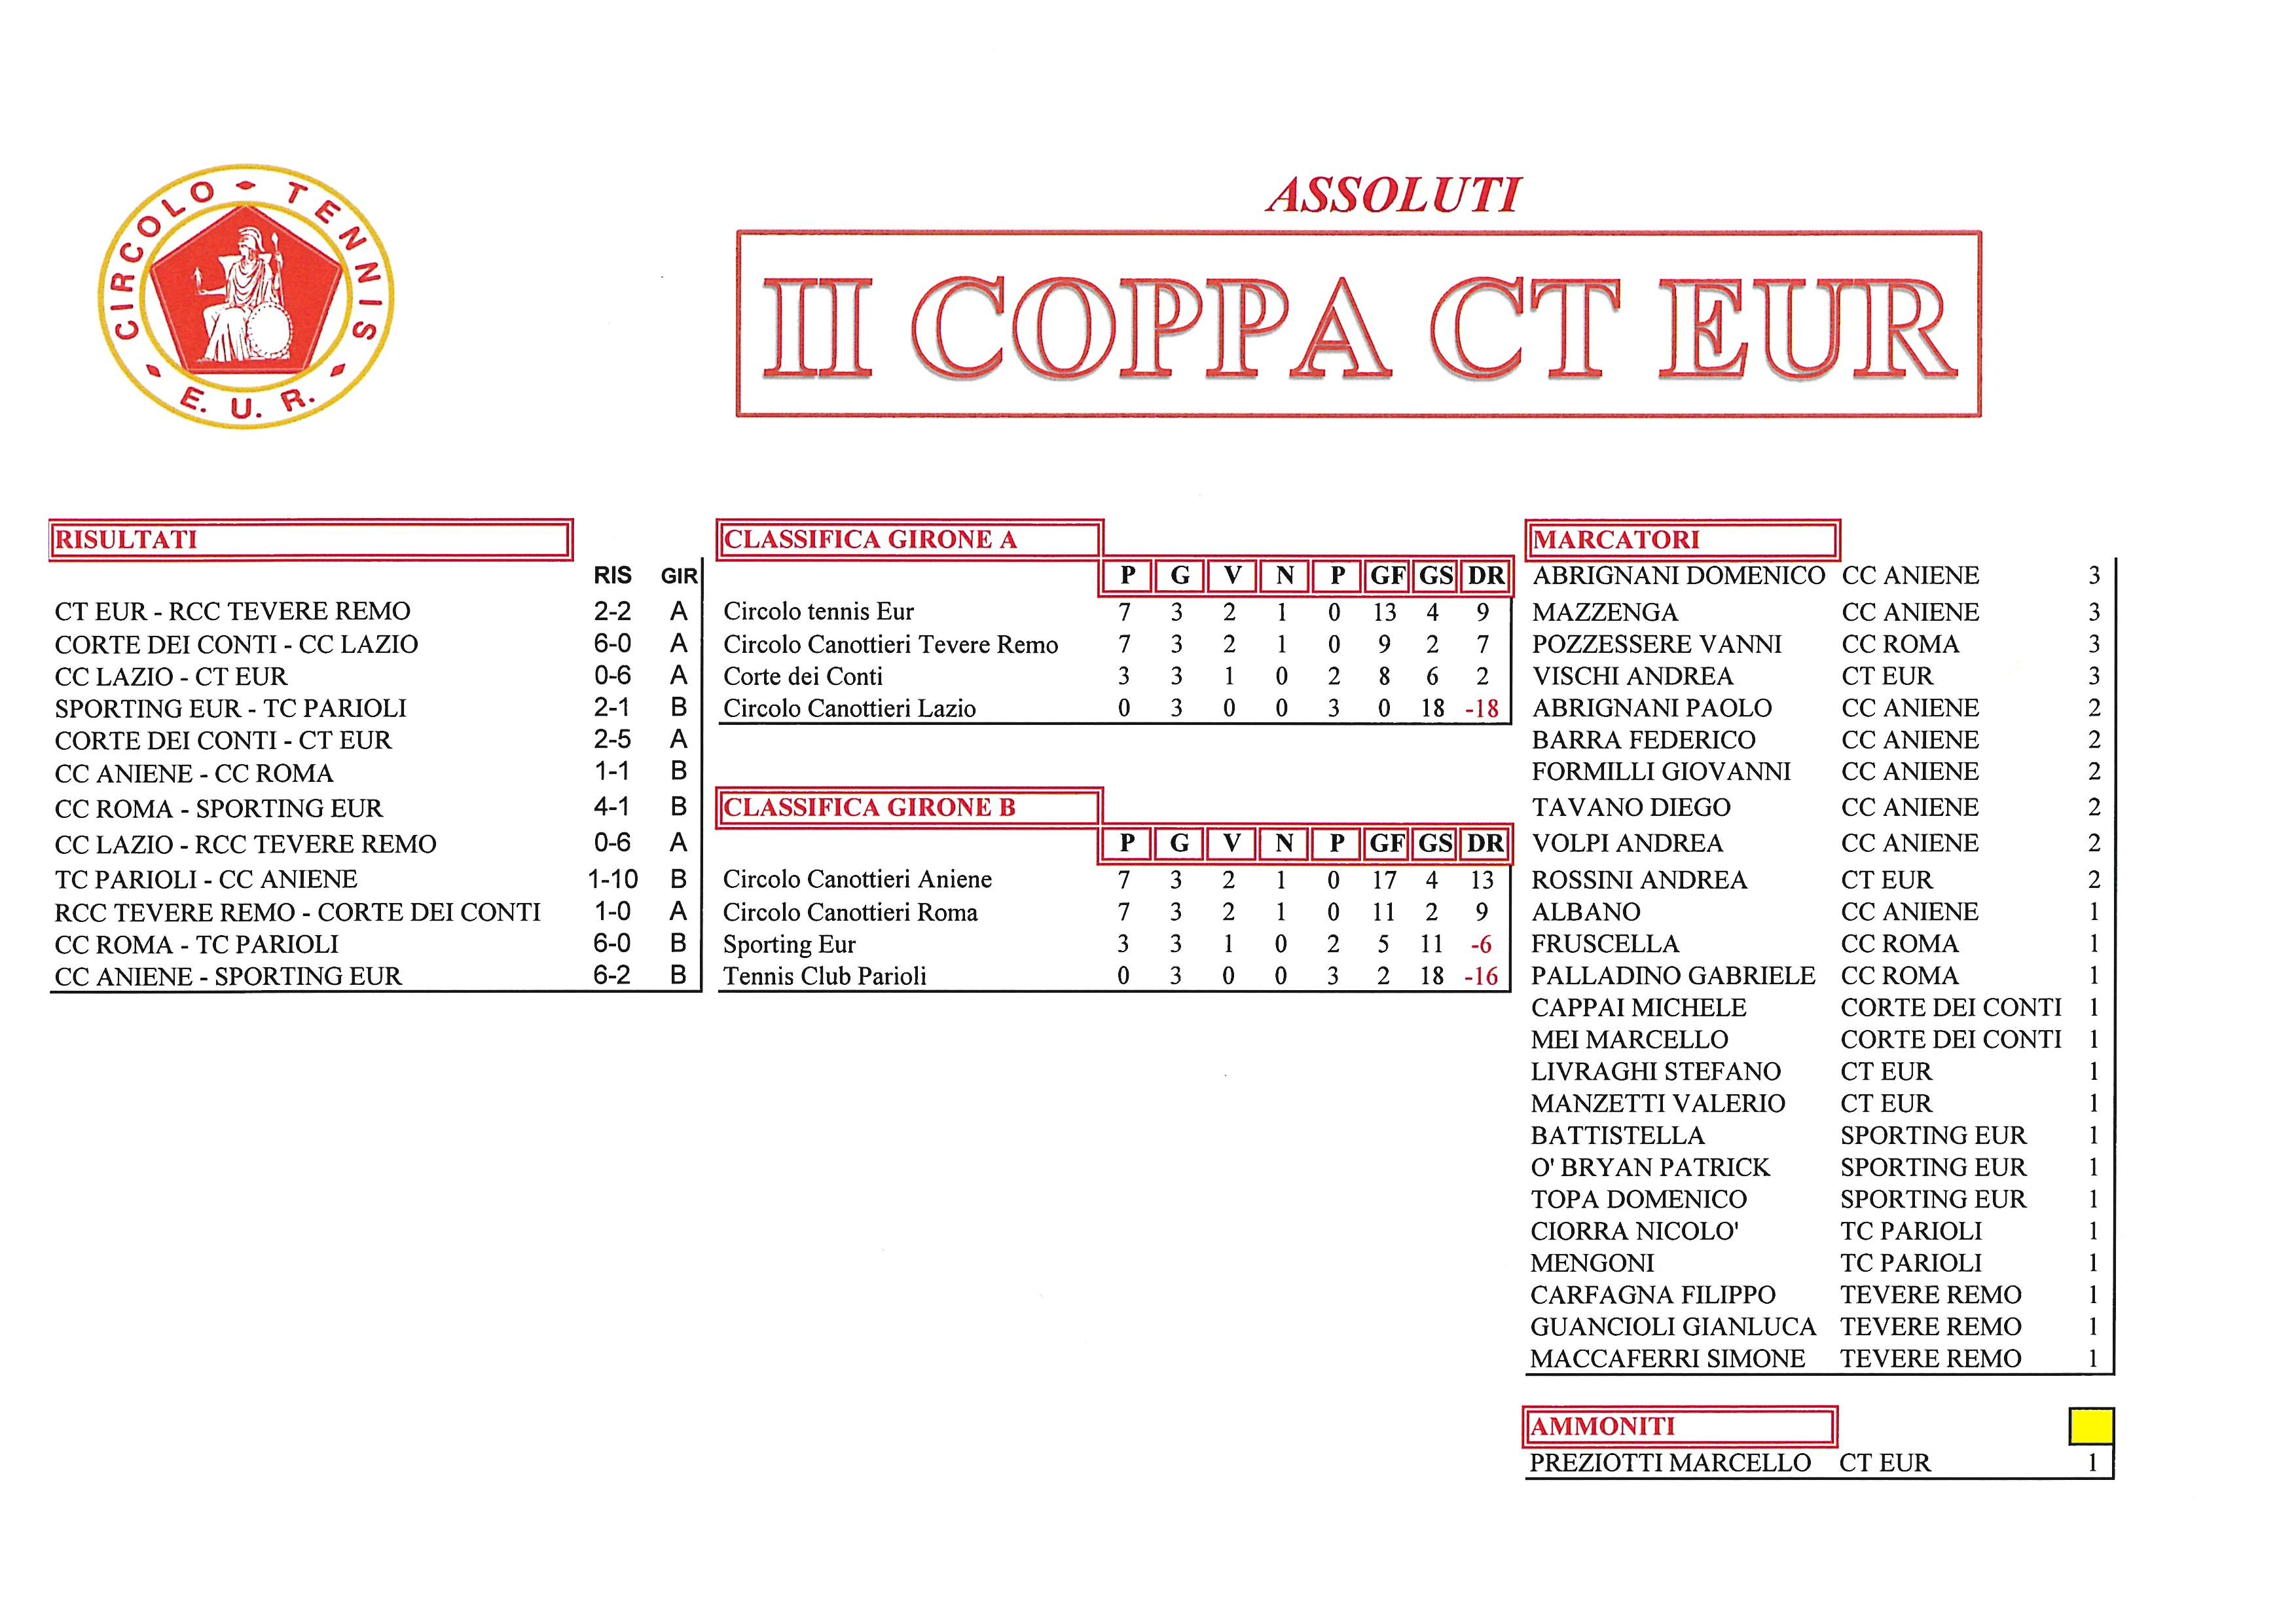 Coppa CT Eur risultati del 6 ottobre 2017 Assoluti